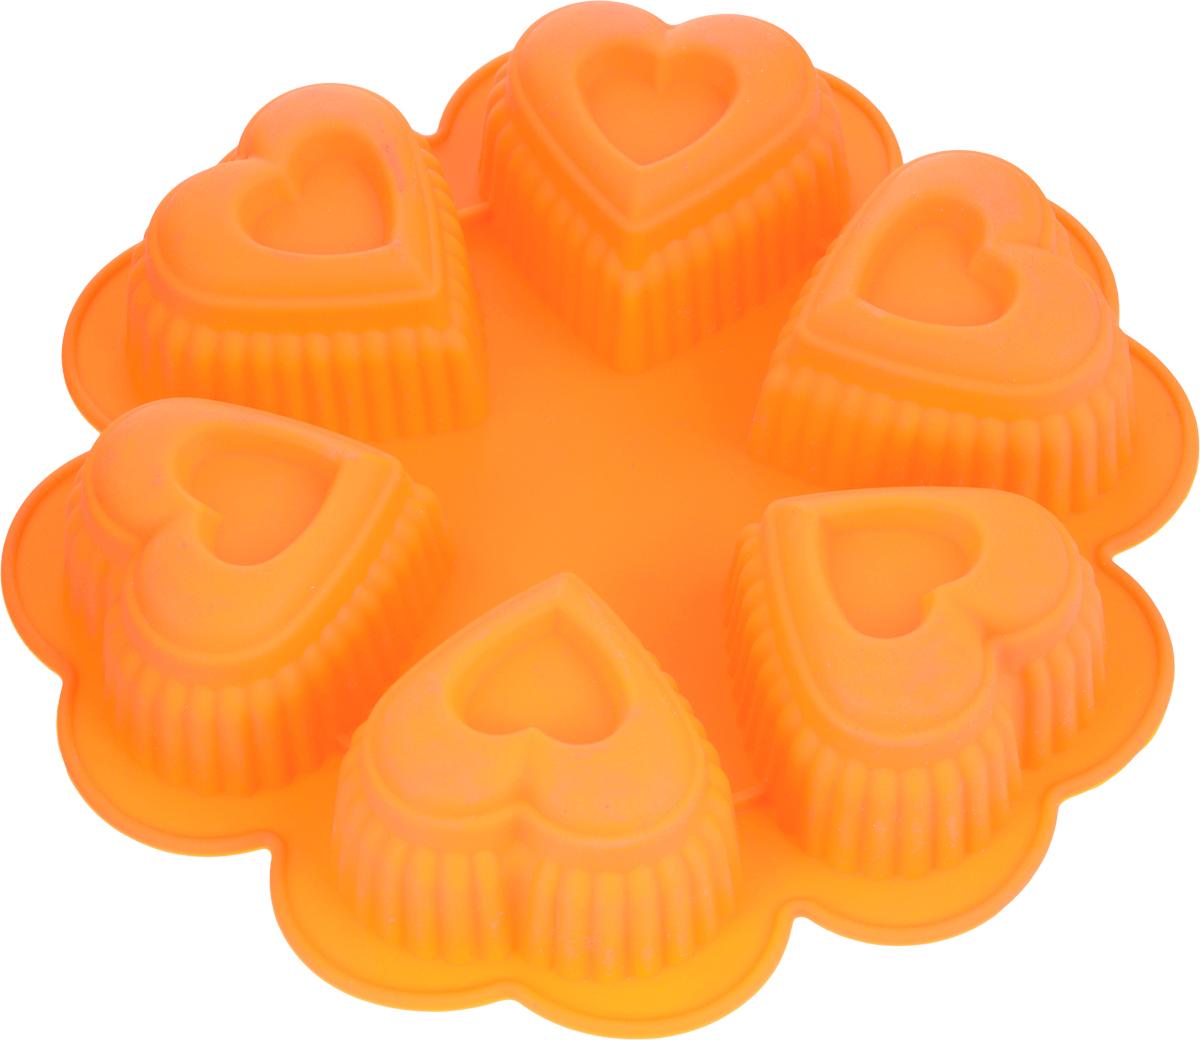 Форма для выпечки Marmiton Сердце, цвет: оранжевый, 25,5 х 25,5 х 5 см, 6 ячеек16027_оранжевыйФорма для выпечки Marmiton Сердце выполнена из силикона. На одном листе расположены 6 ячеек в виде сердец. Благодаря тому, что форма изготовлена из силикона, готовый лед, выпечку или мармелад вынимать легко и просто. Материал устойчив к фруктовым кислотам, может быть использован в духовках и микроволновых печах (выдерживает температуру от -40°С до 230°С). Можно мыть и сушить в посудомоечной машине. Общий размер формы: 25,5 х 25,5 х 5 см. Размер ячейки: 8 х 8 х 5 см.